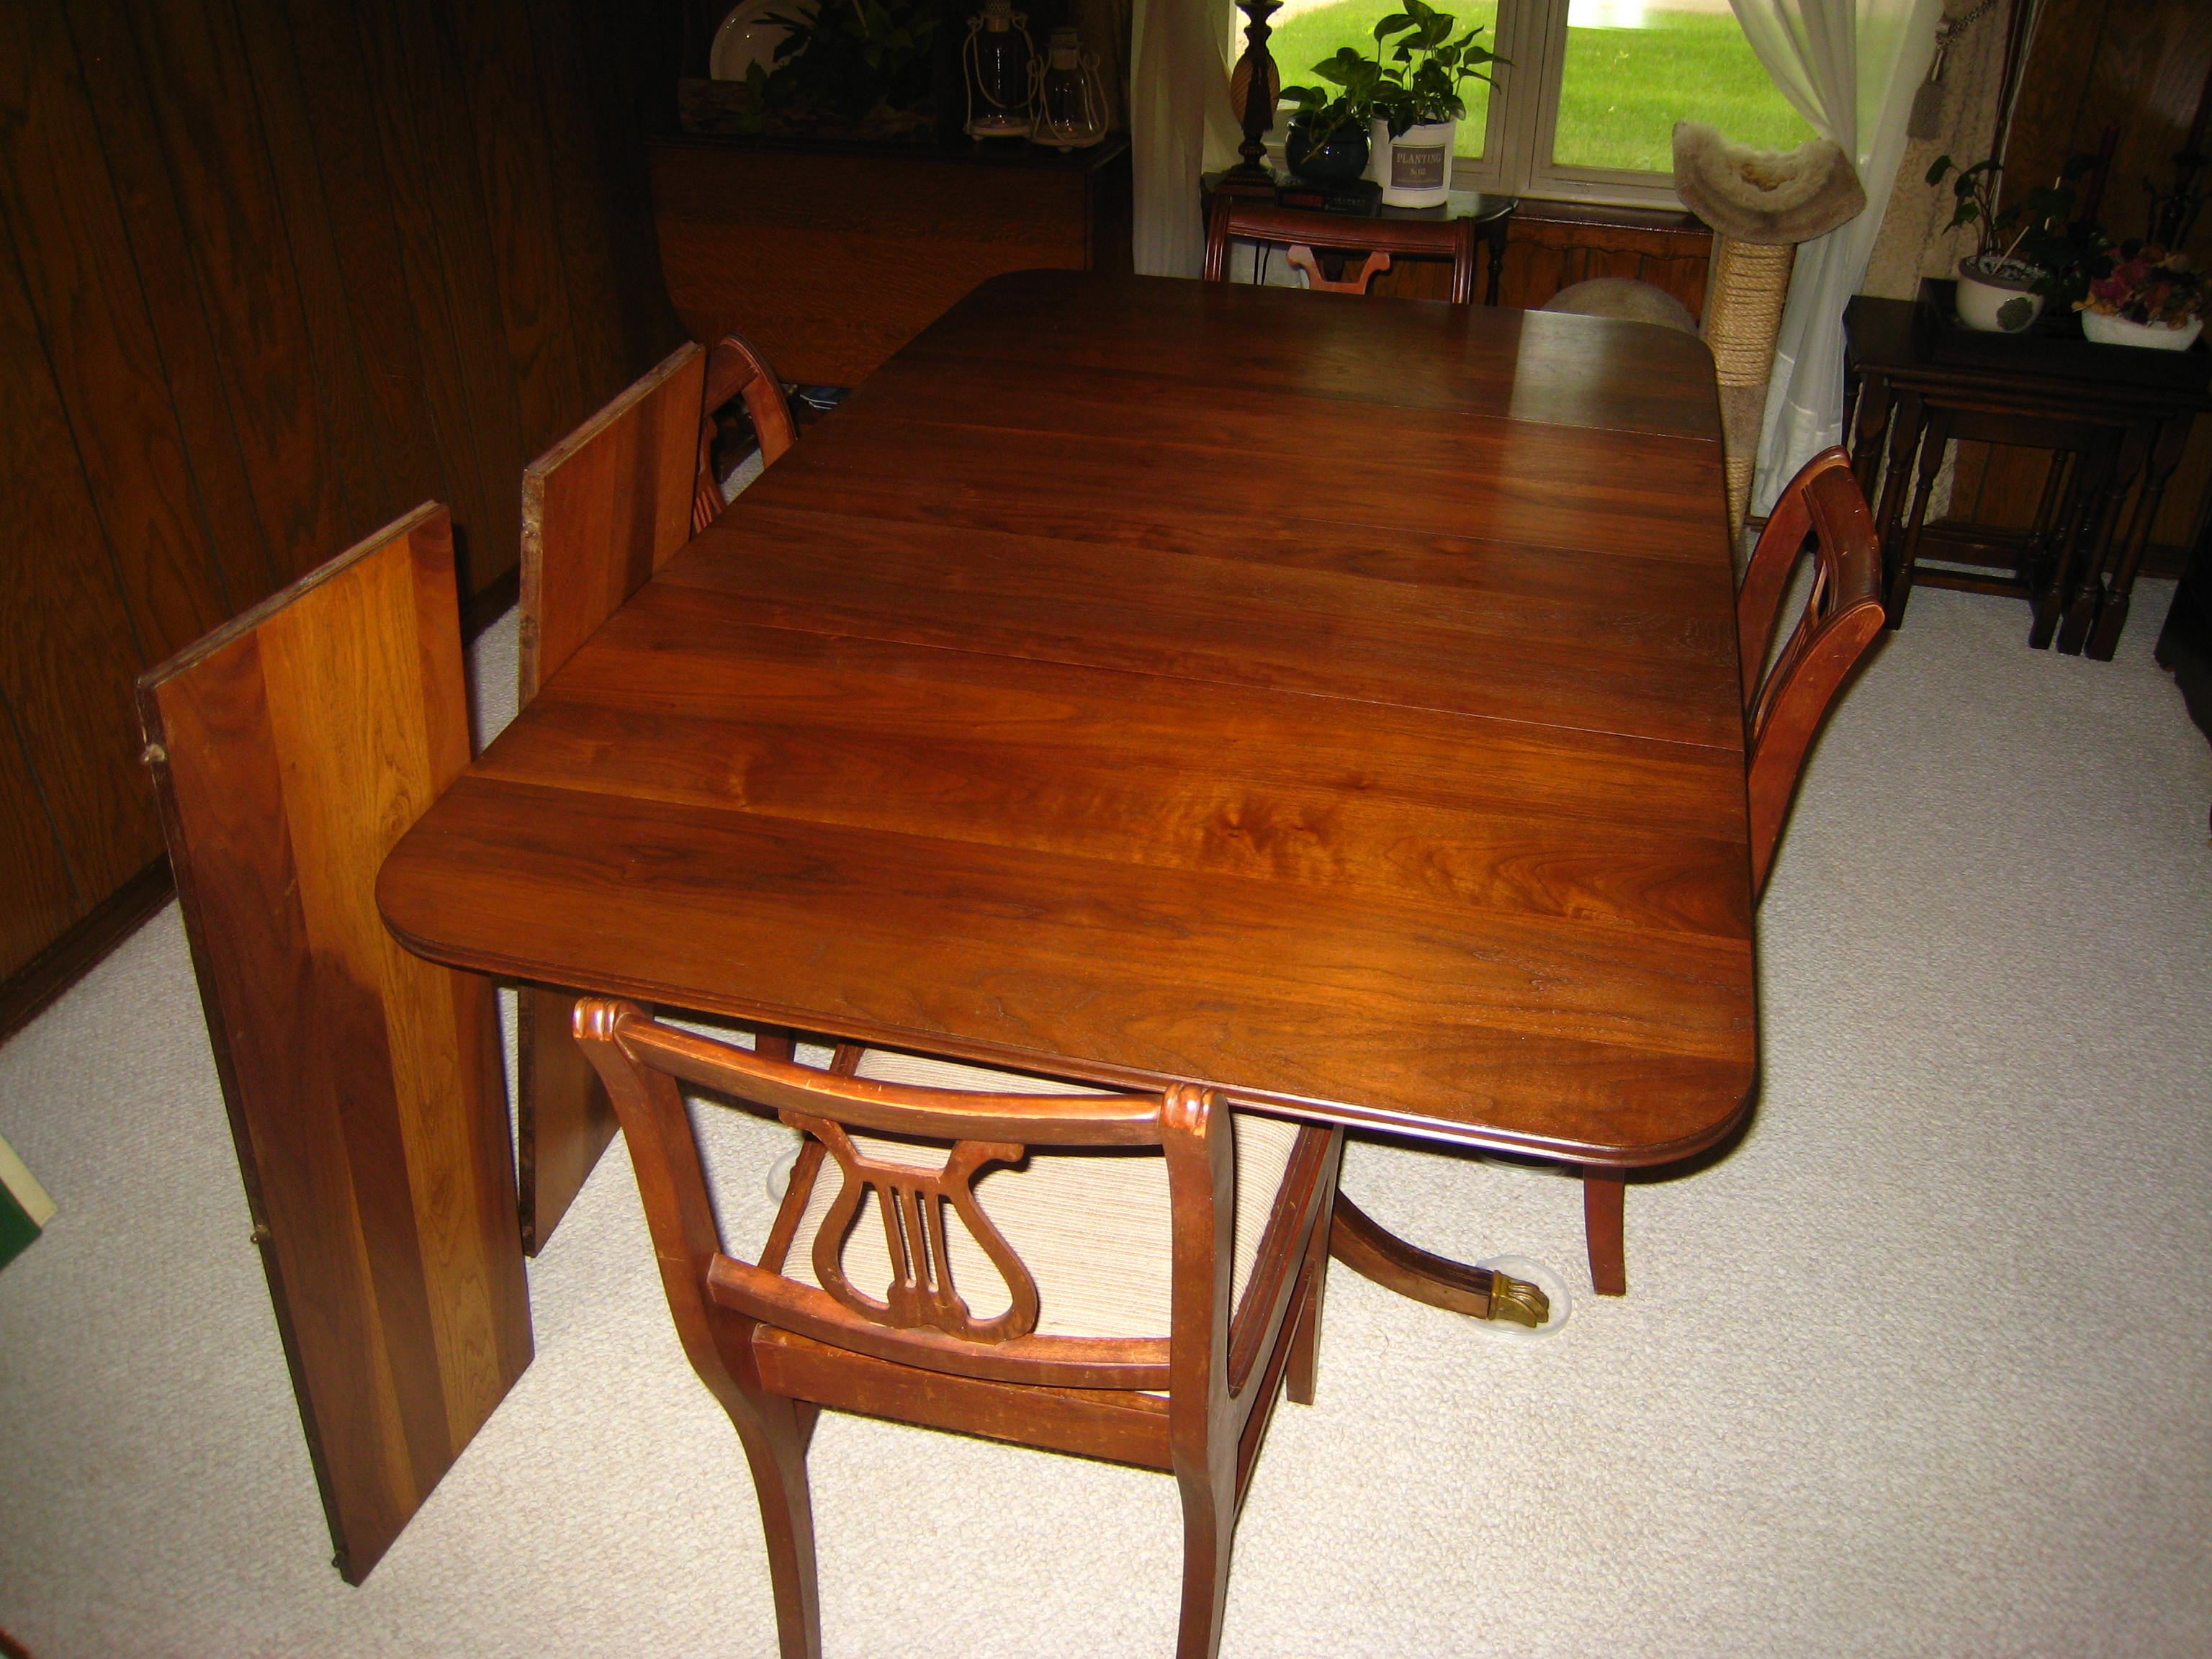 Vintage Drop Leaf Kitchen Table